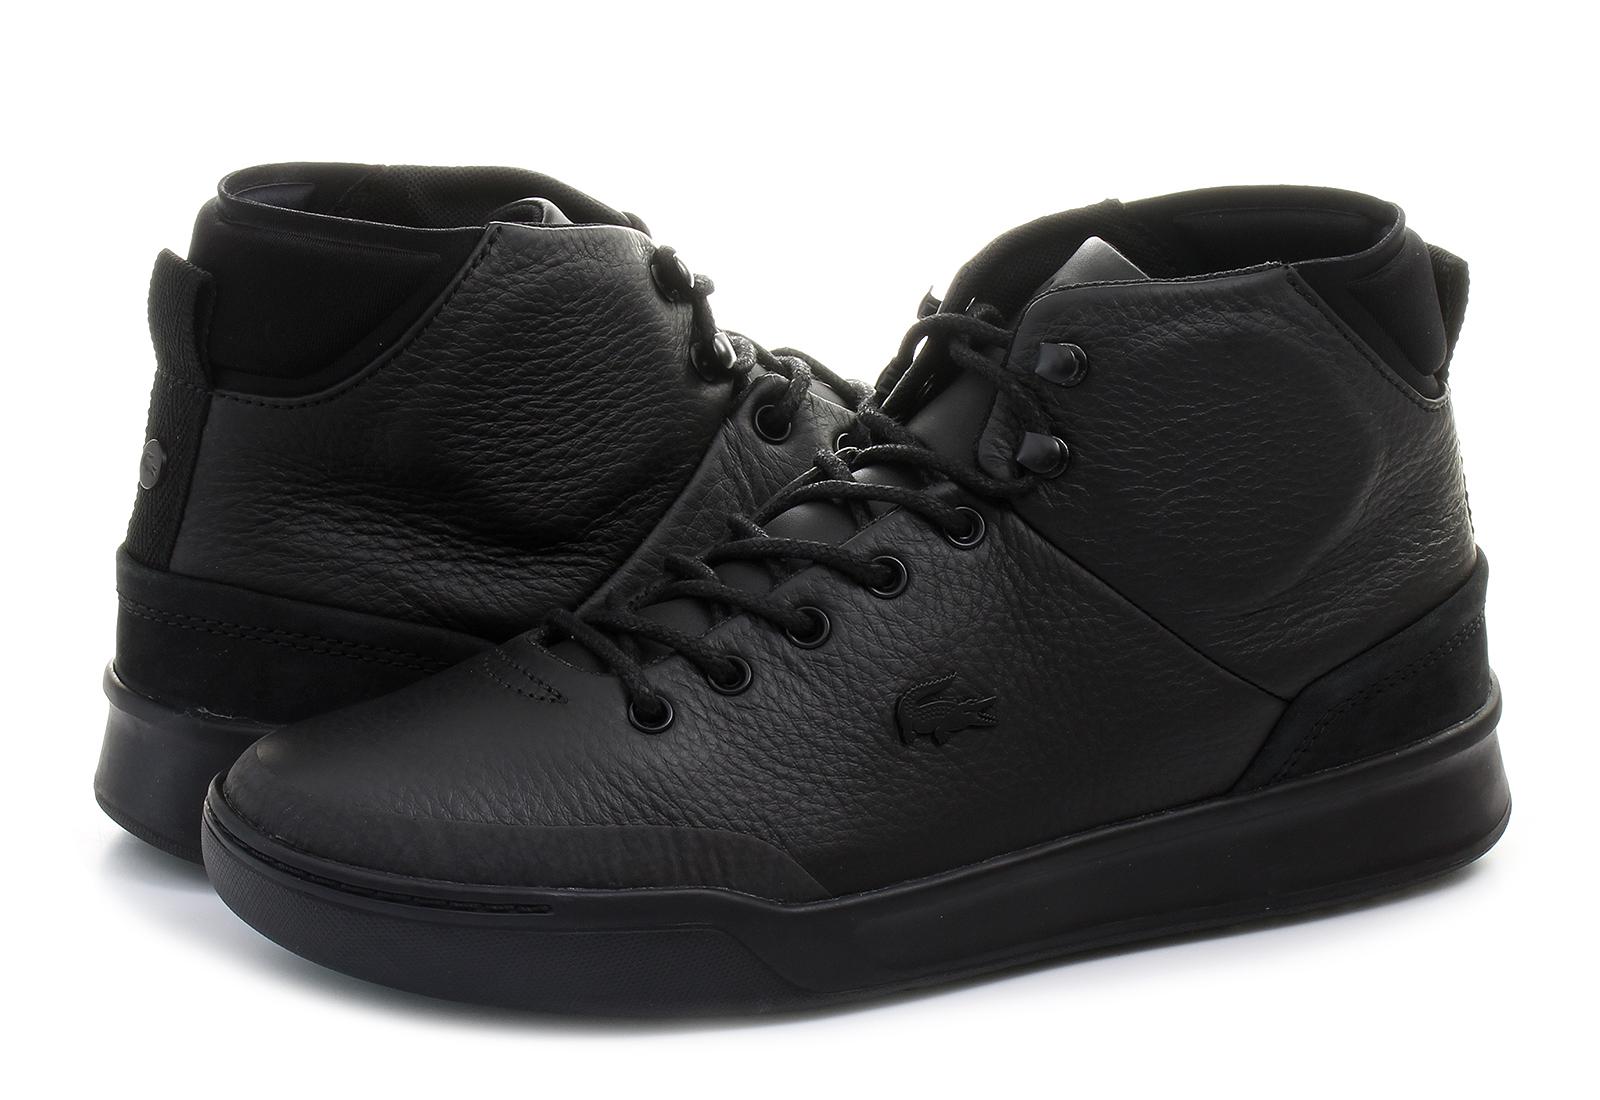 Lacoste Shoes Explorateur Classic 173cam0015 02h